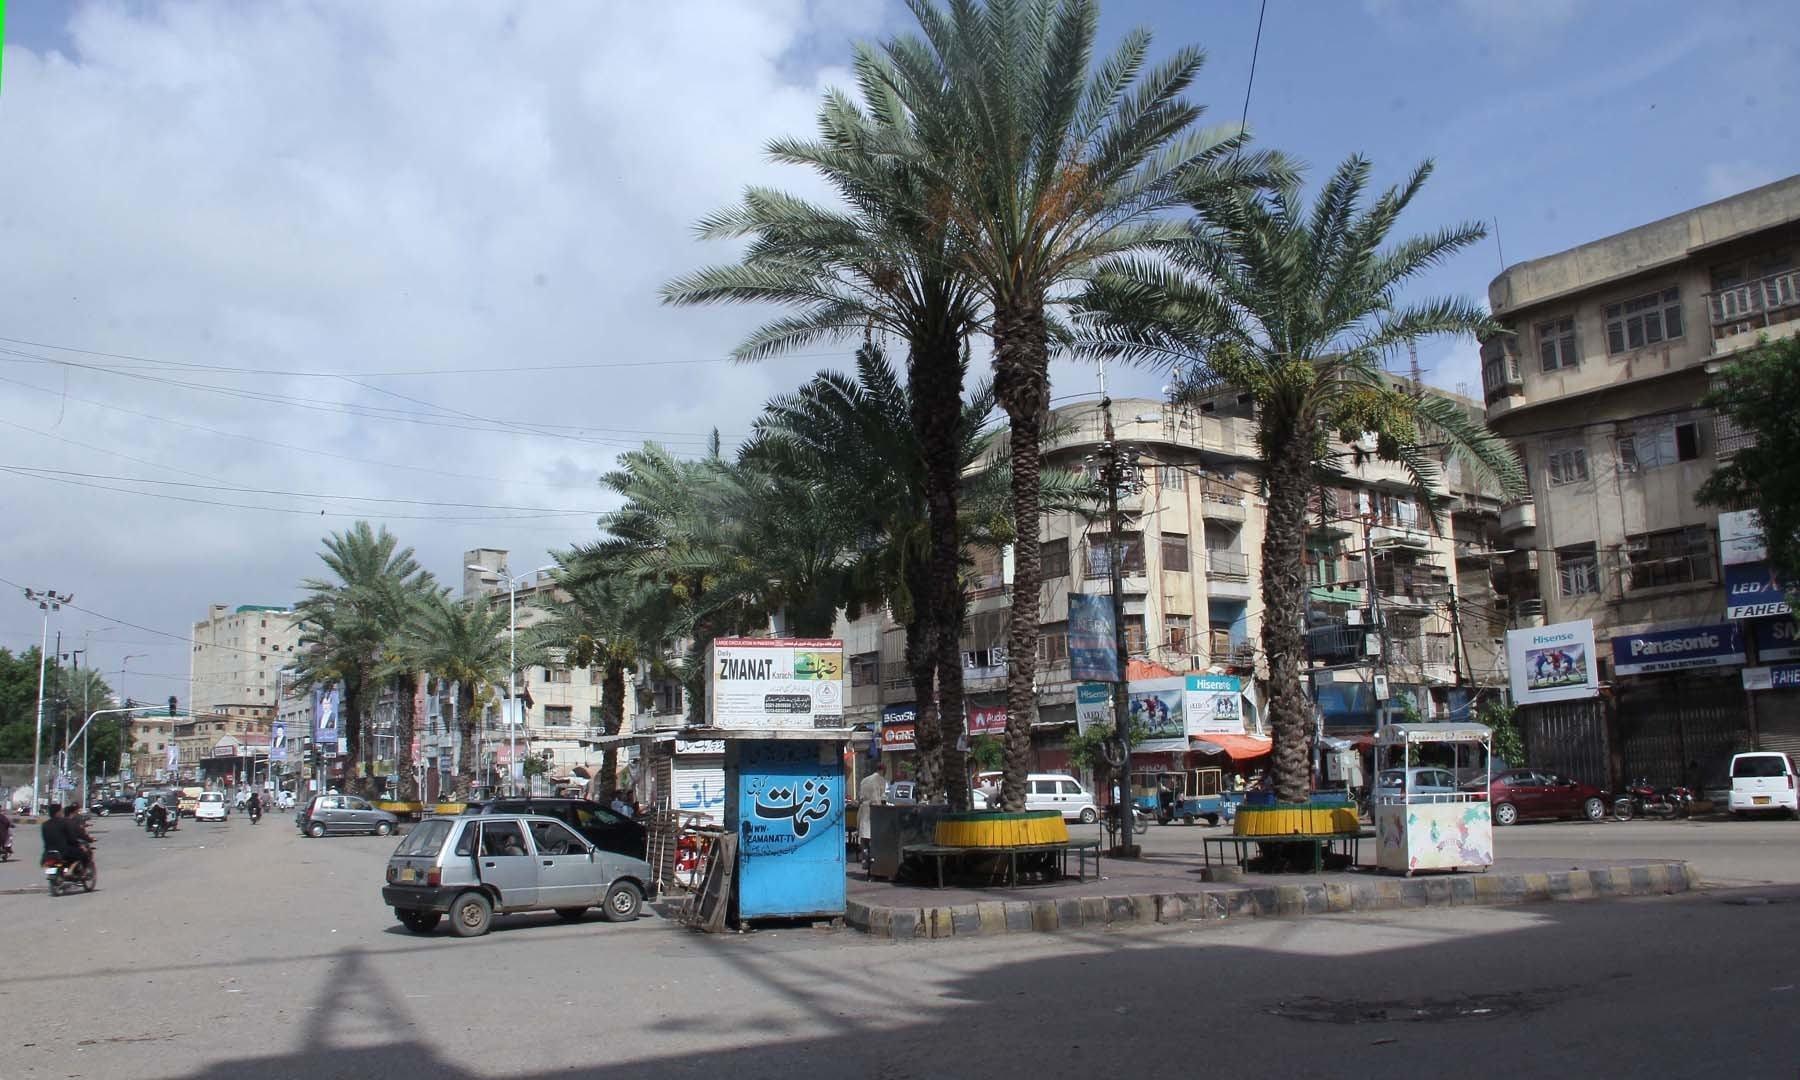 کراچی کے معروف ریگل چوک پر کیا کچھ بیتا؟ (پہلا حصہ)